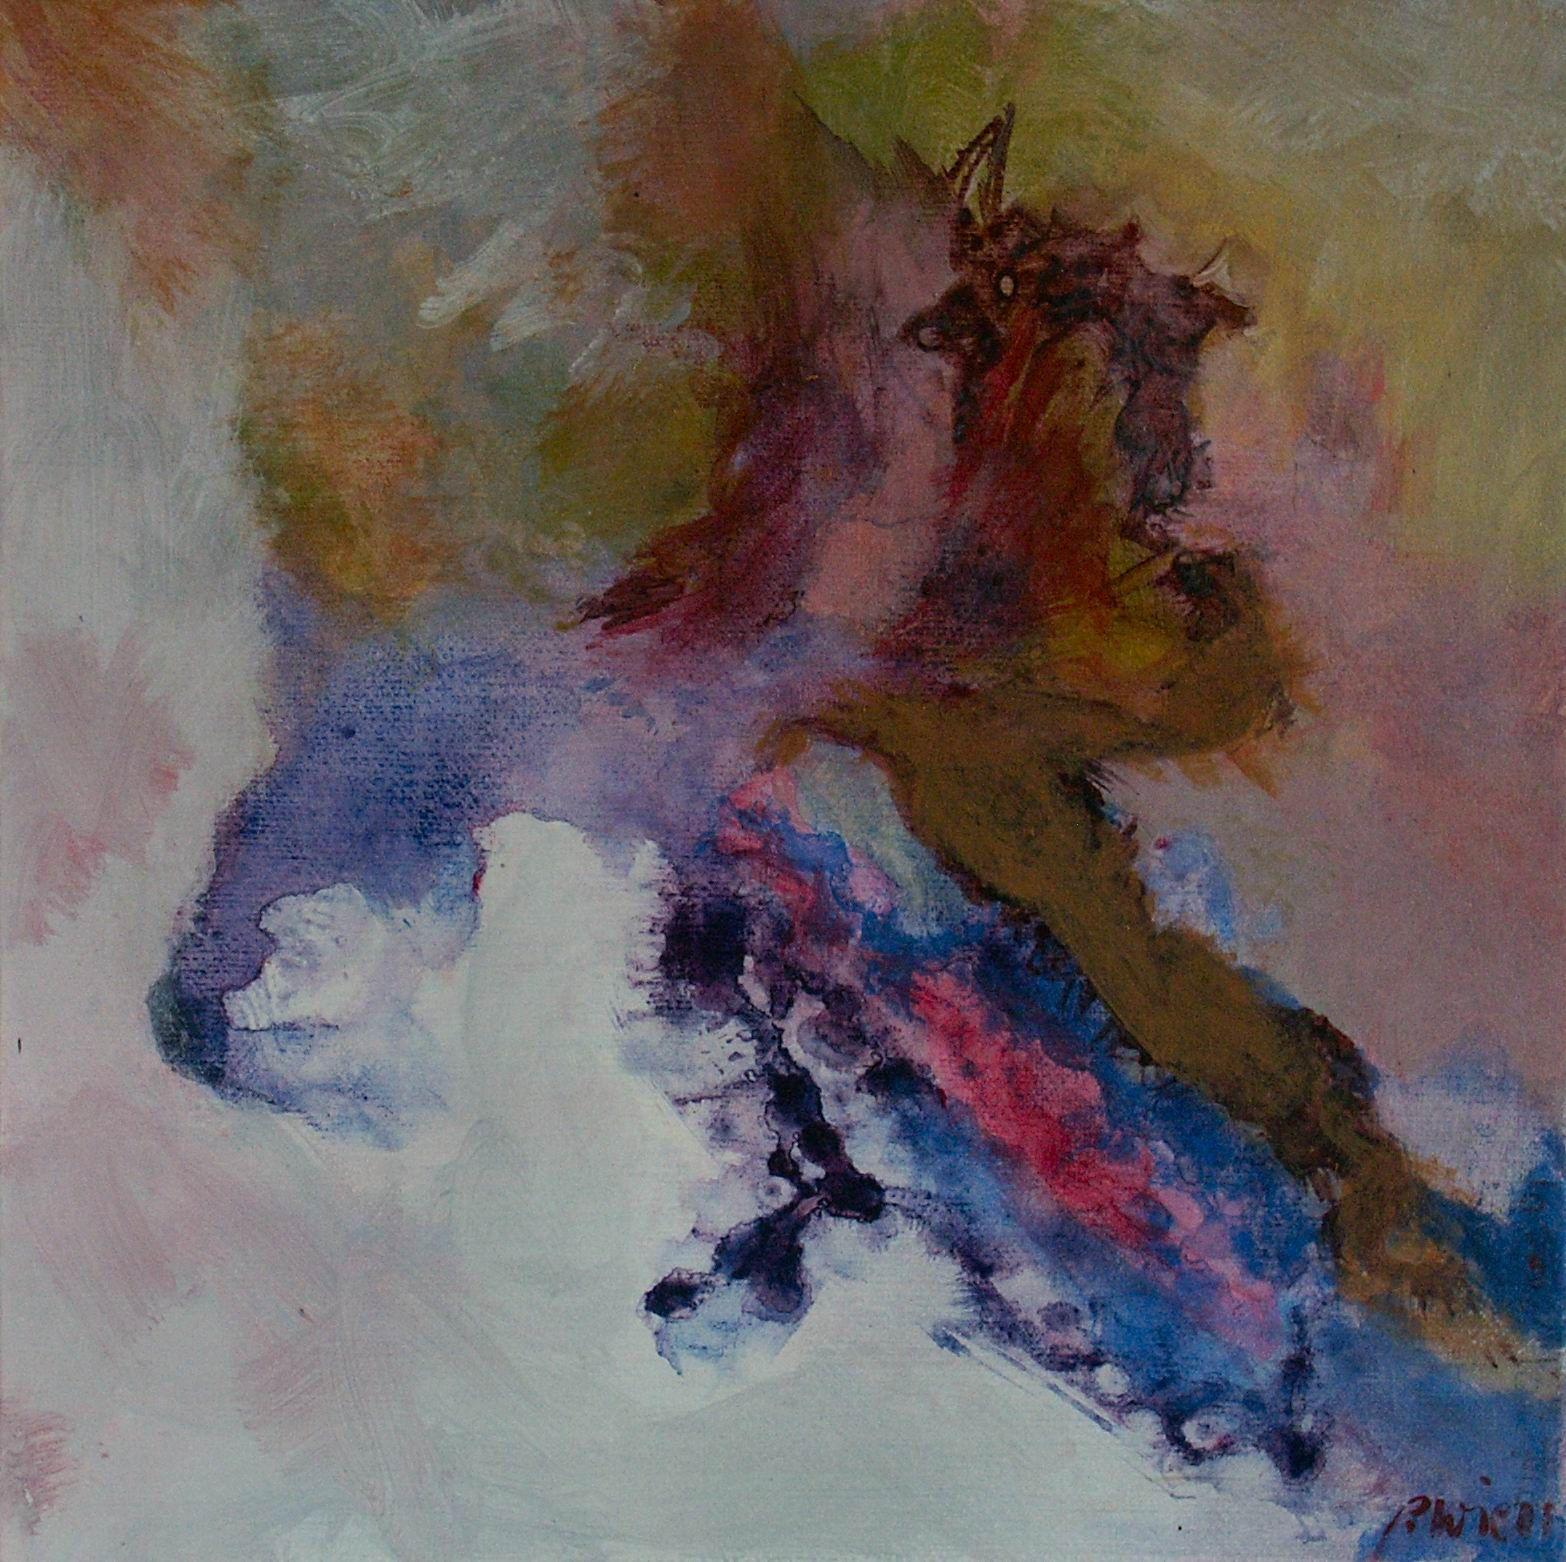 Studie 12, 2001 (P.Wienand) Acryl auf Leinwand/Holz, 25 x 25 cm